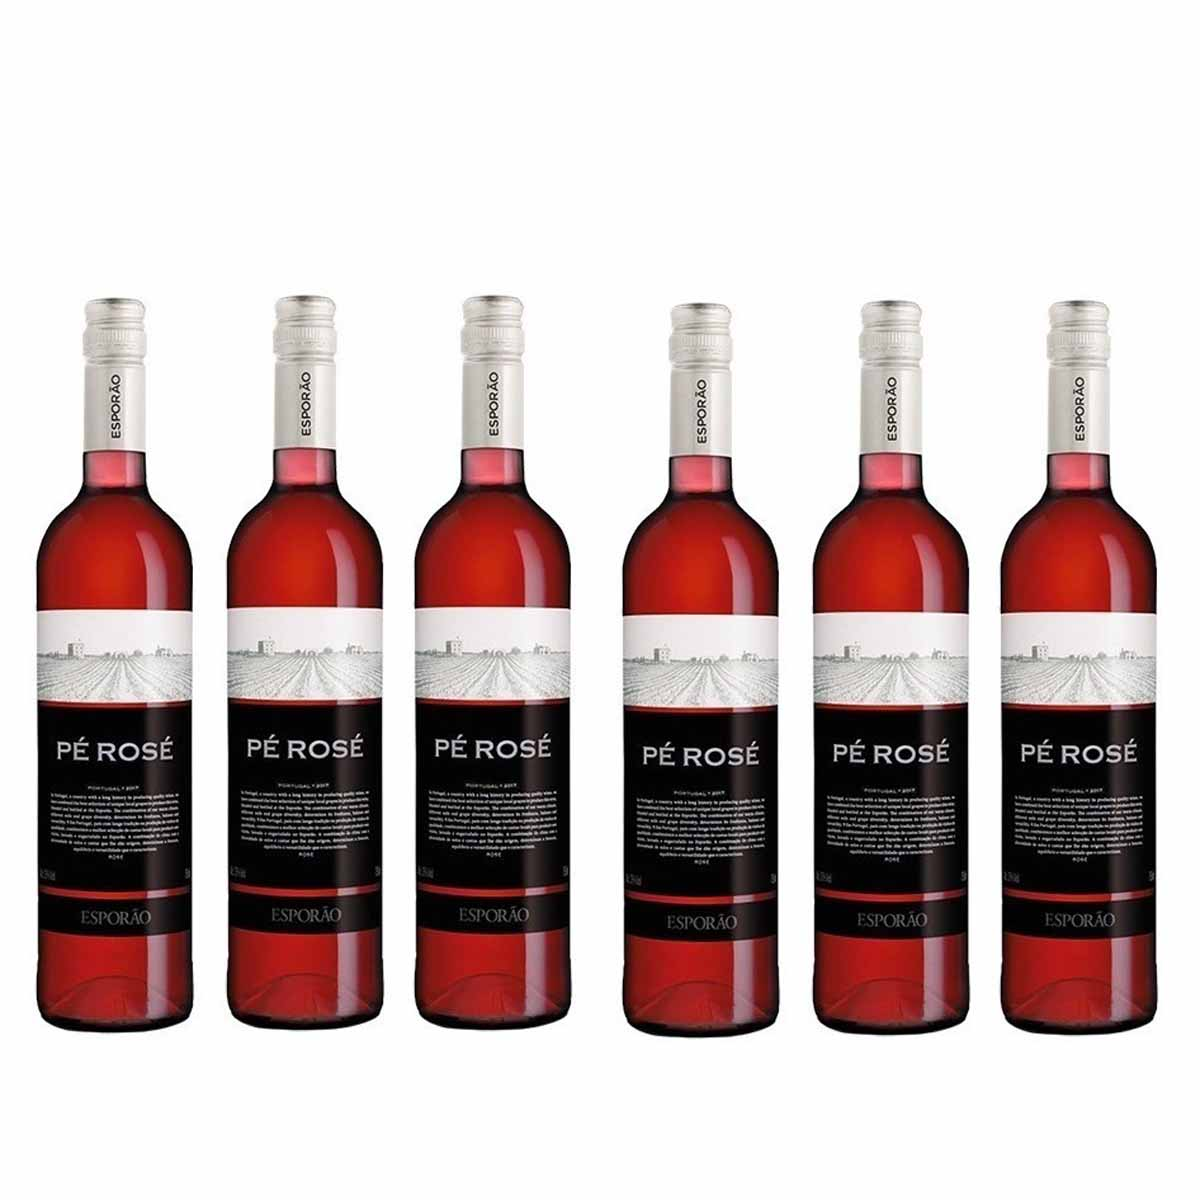 Kit 6 Vinhos Porgueses Pé Rosé Esporão 750ml